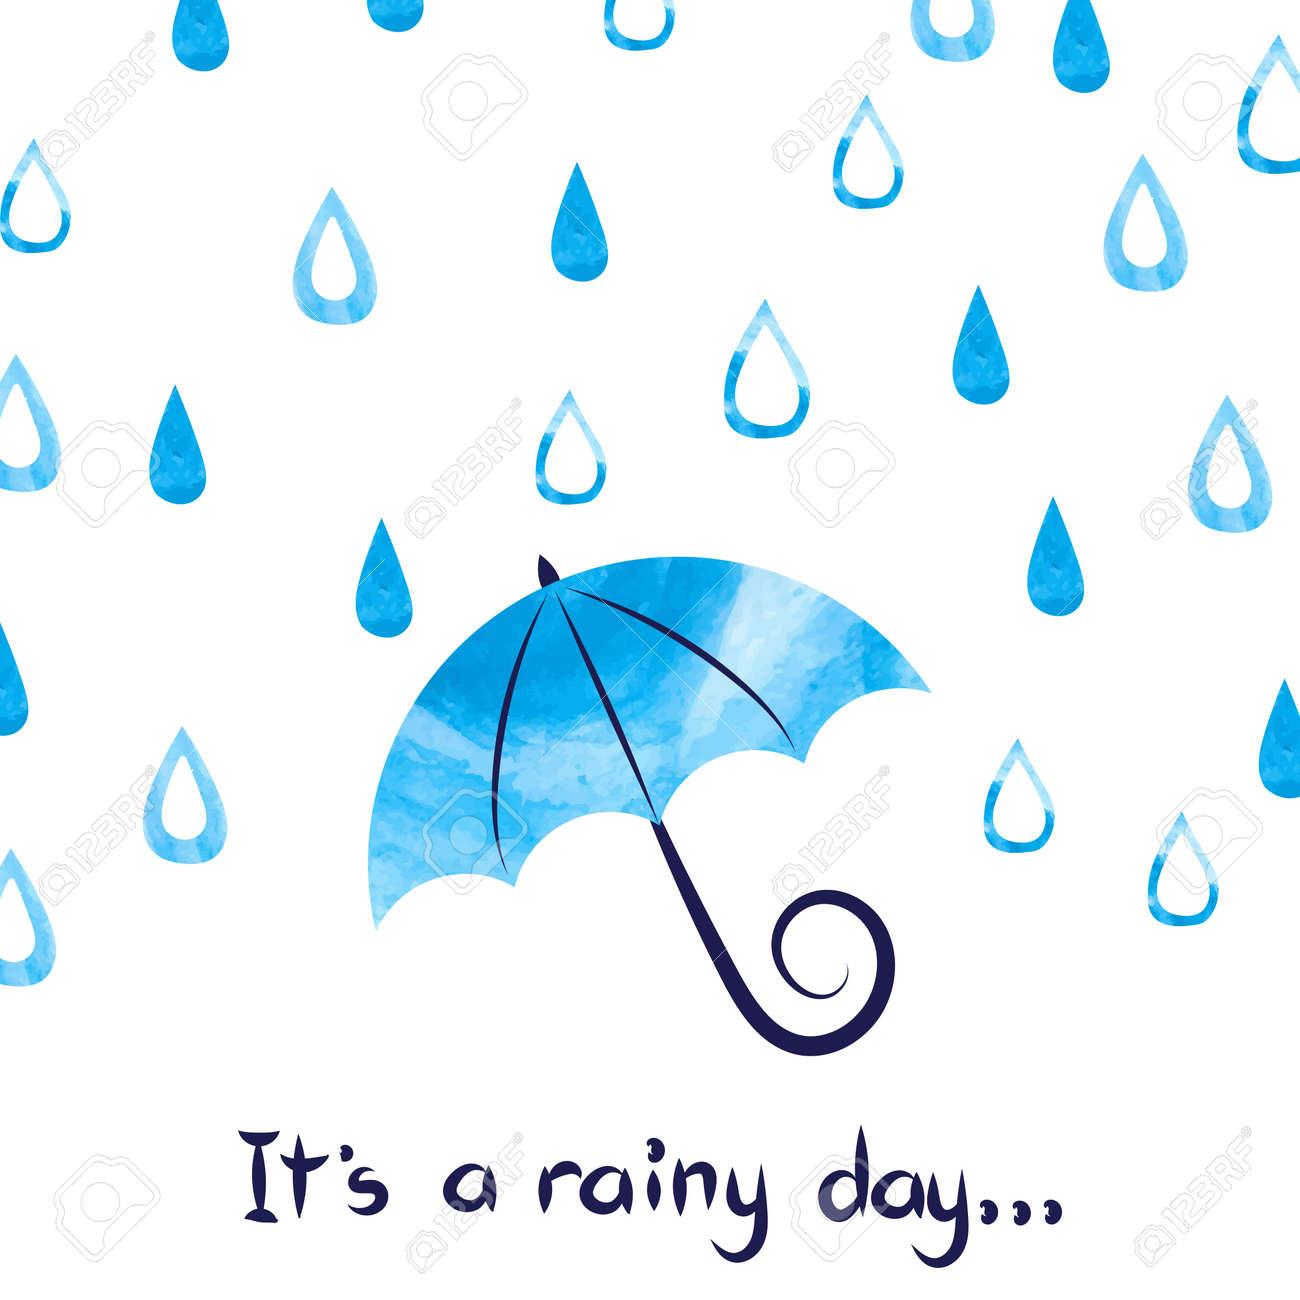 雨の日の背景。水彩ベクトル雨と傘のイラスト。 ロイヤリティフリー